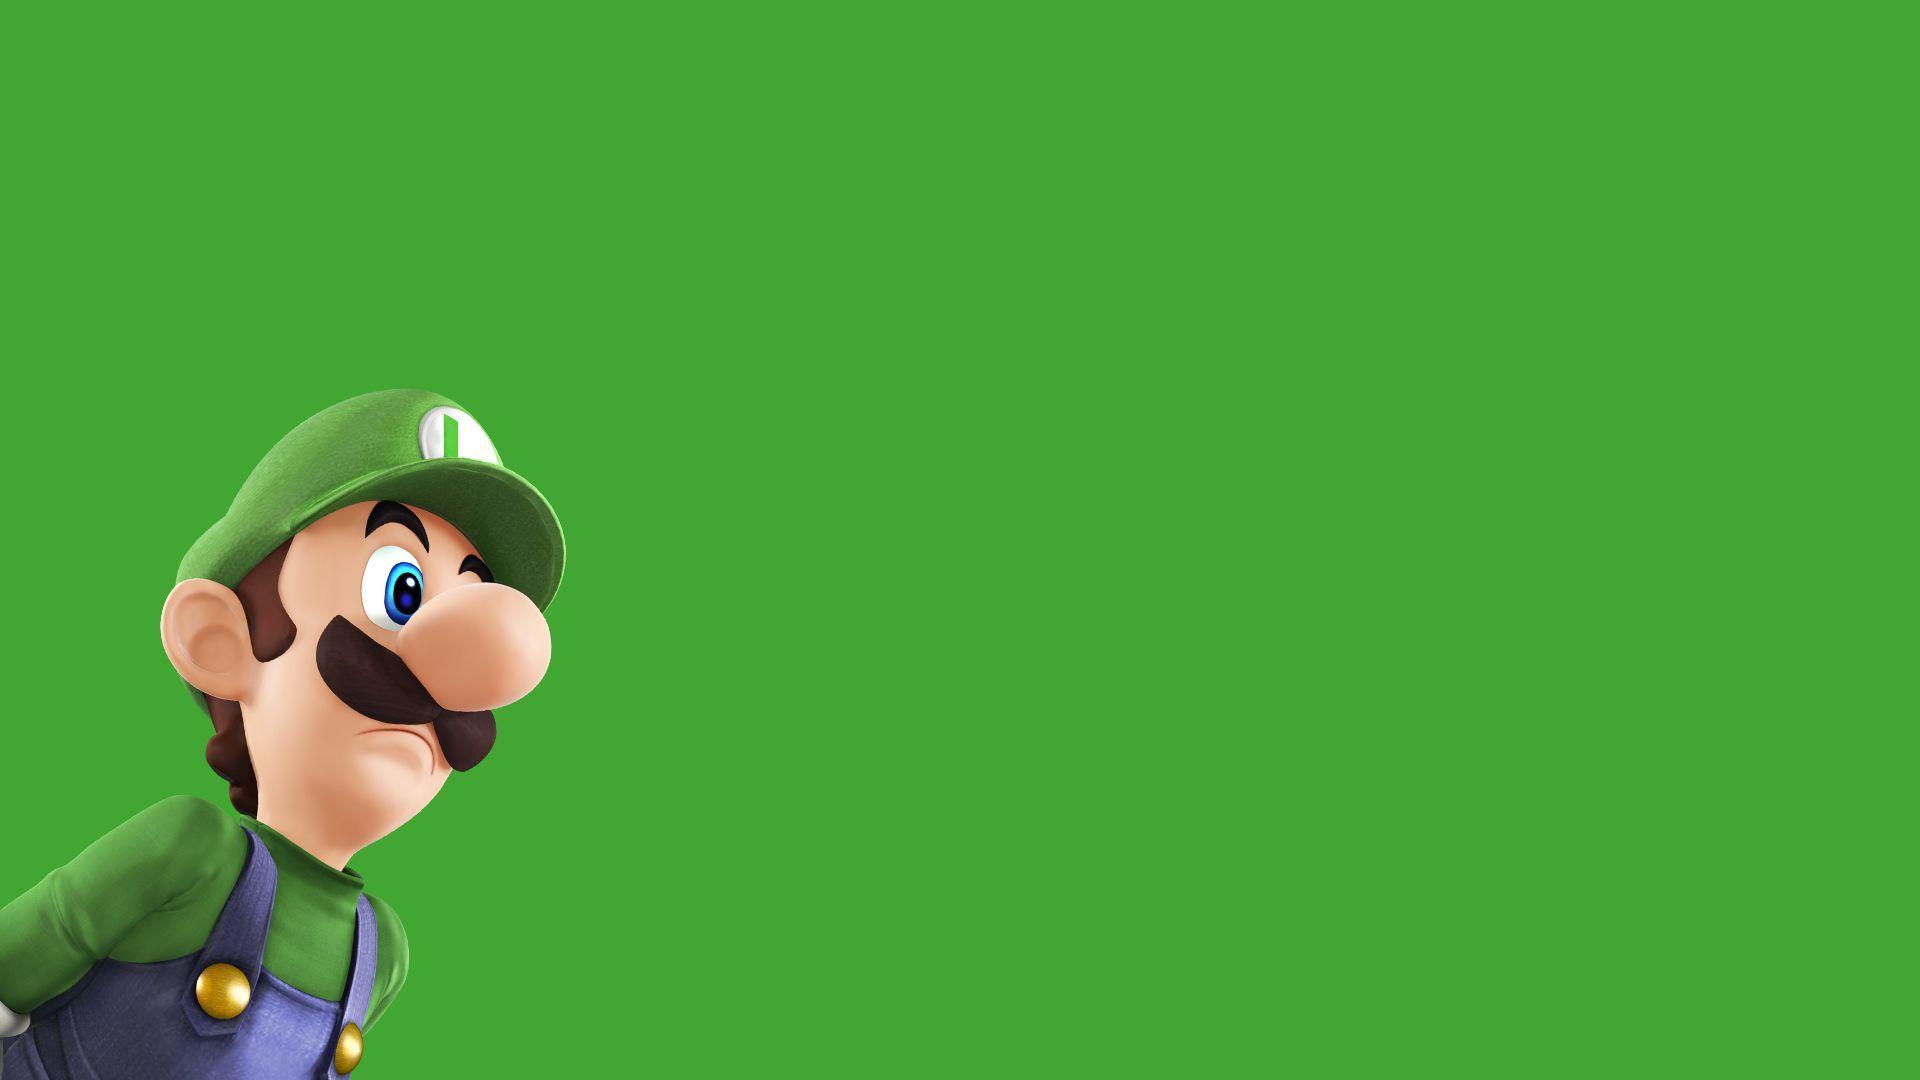 Luigi Wallpaper – Get Some Free Samples!